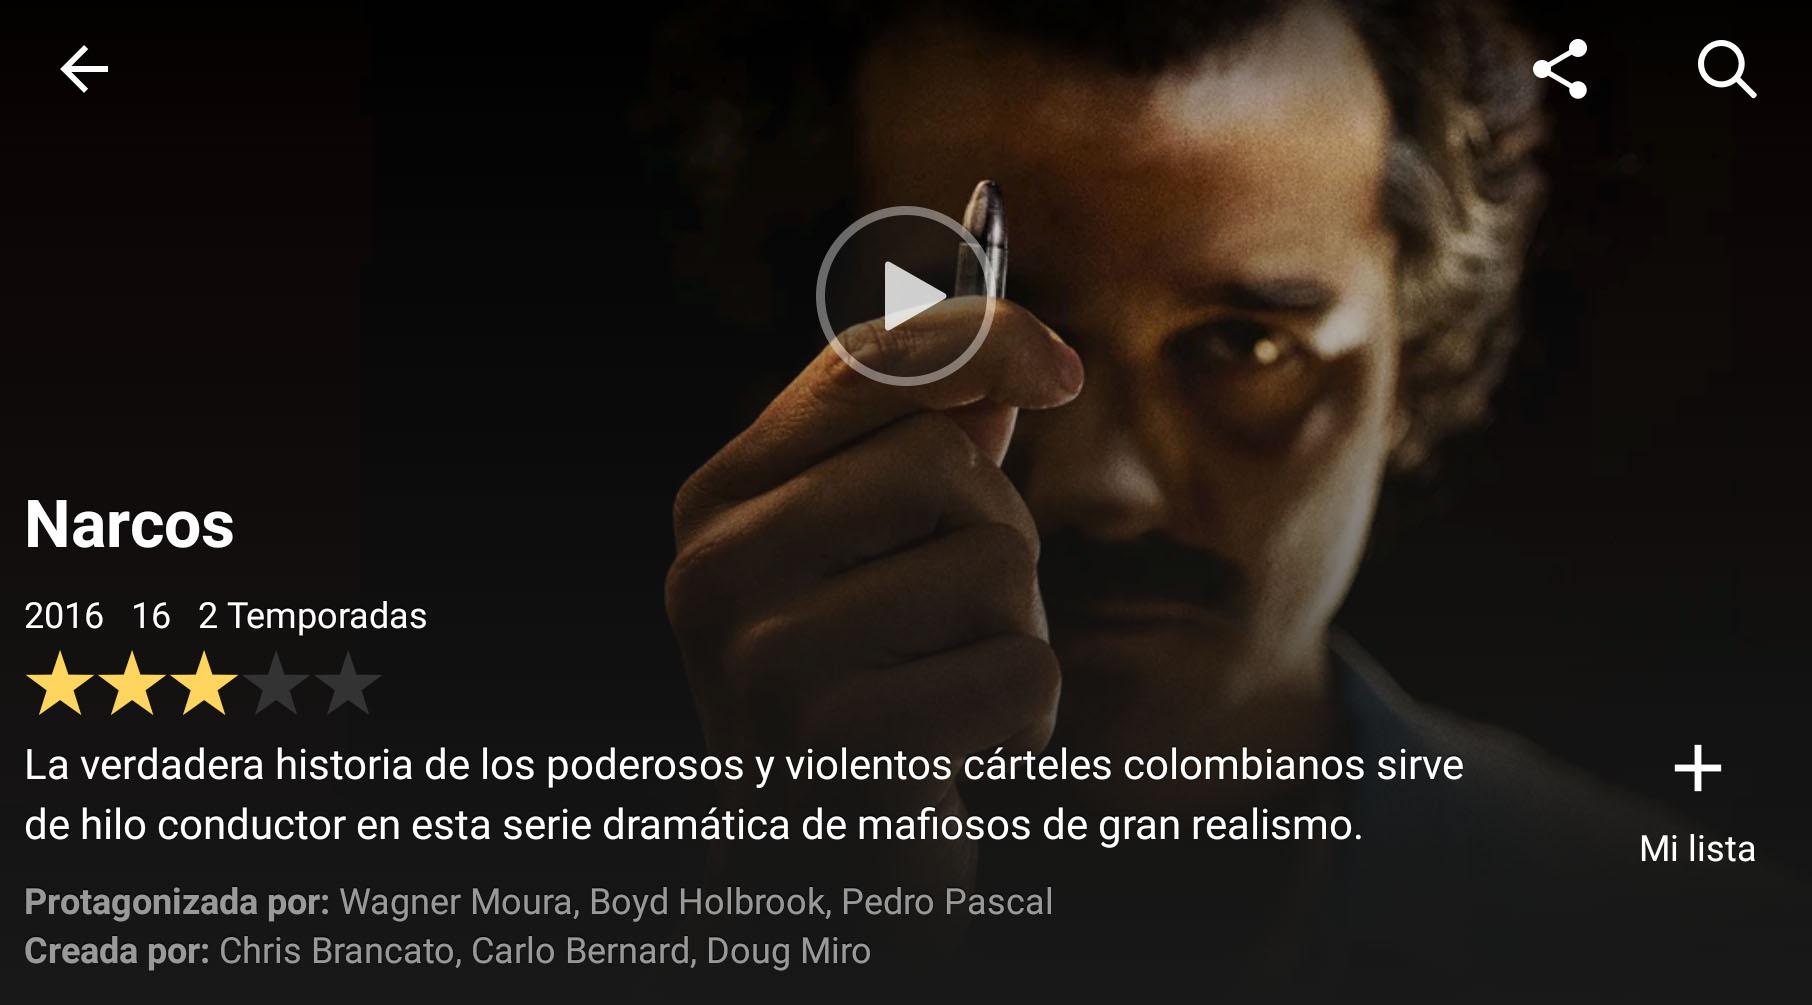 Las estrellas desaparecerán de Netflix para dar paso a los pulgares